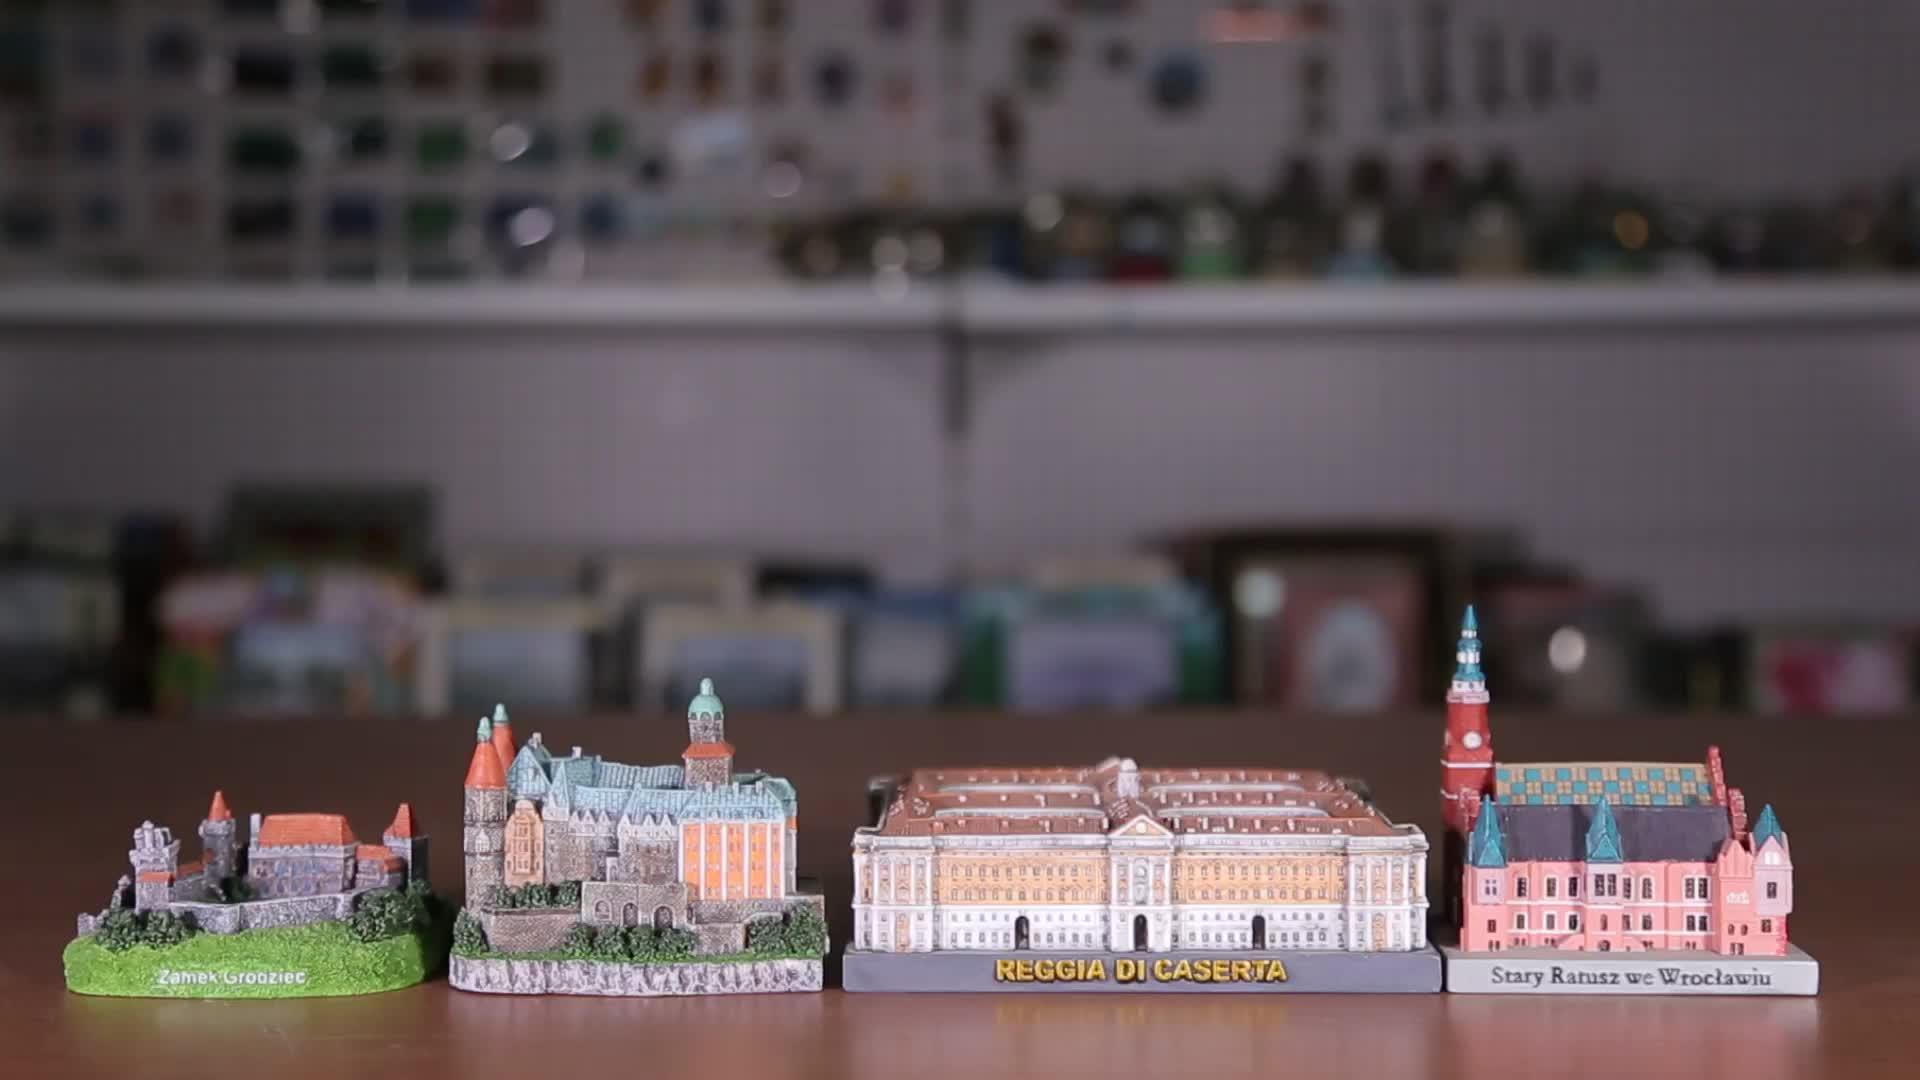 OEM Praga doni souvenir 3d personalizzato costruzione di modelli di case polyresin modelli in miniatura architettonica di edifici famosi